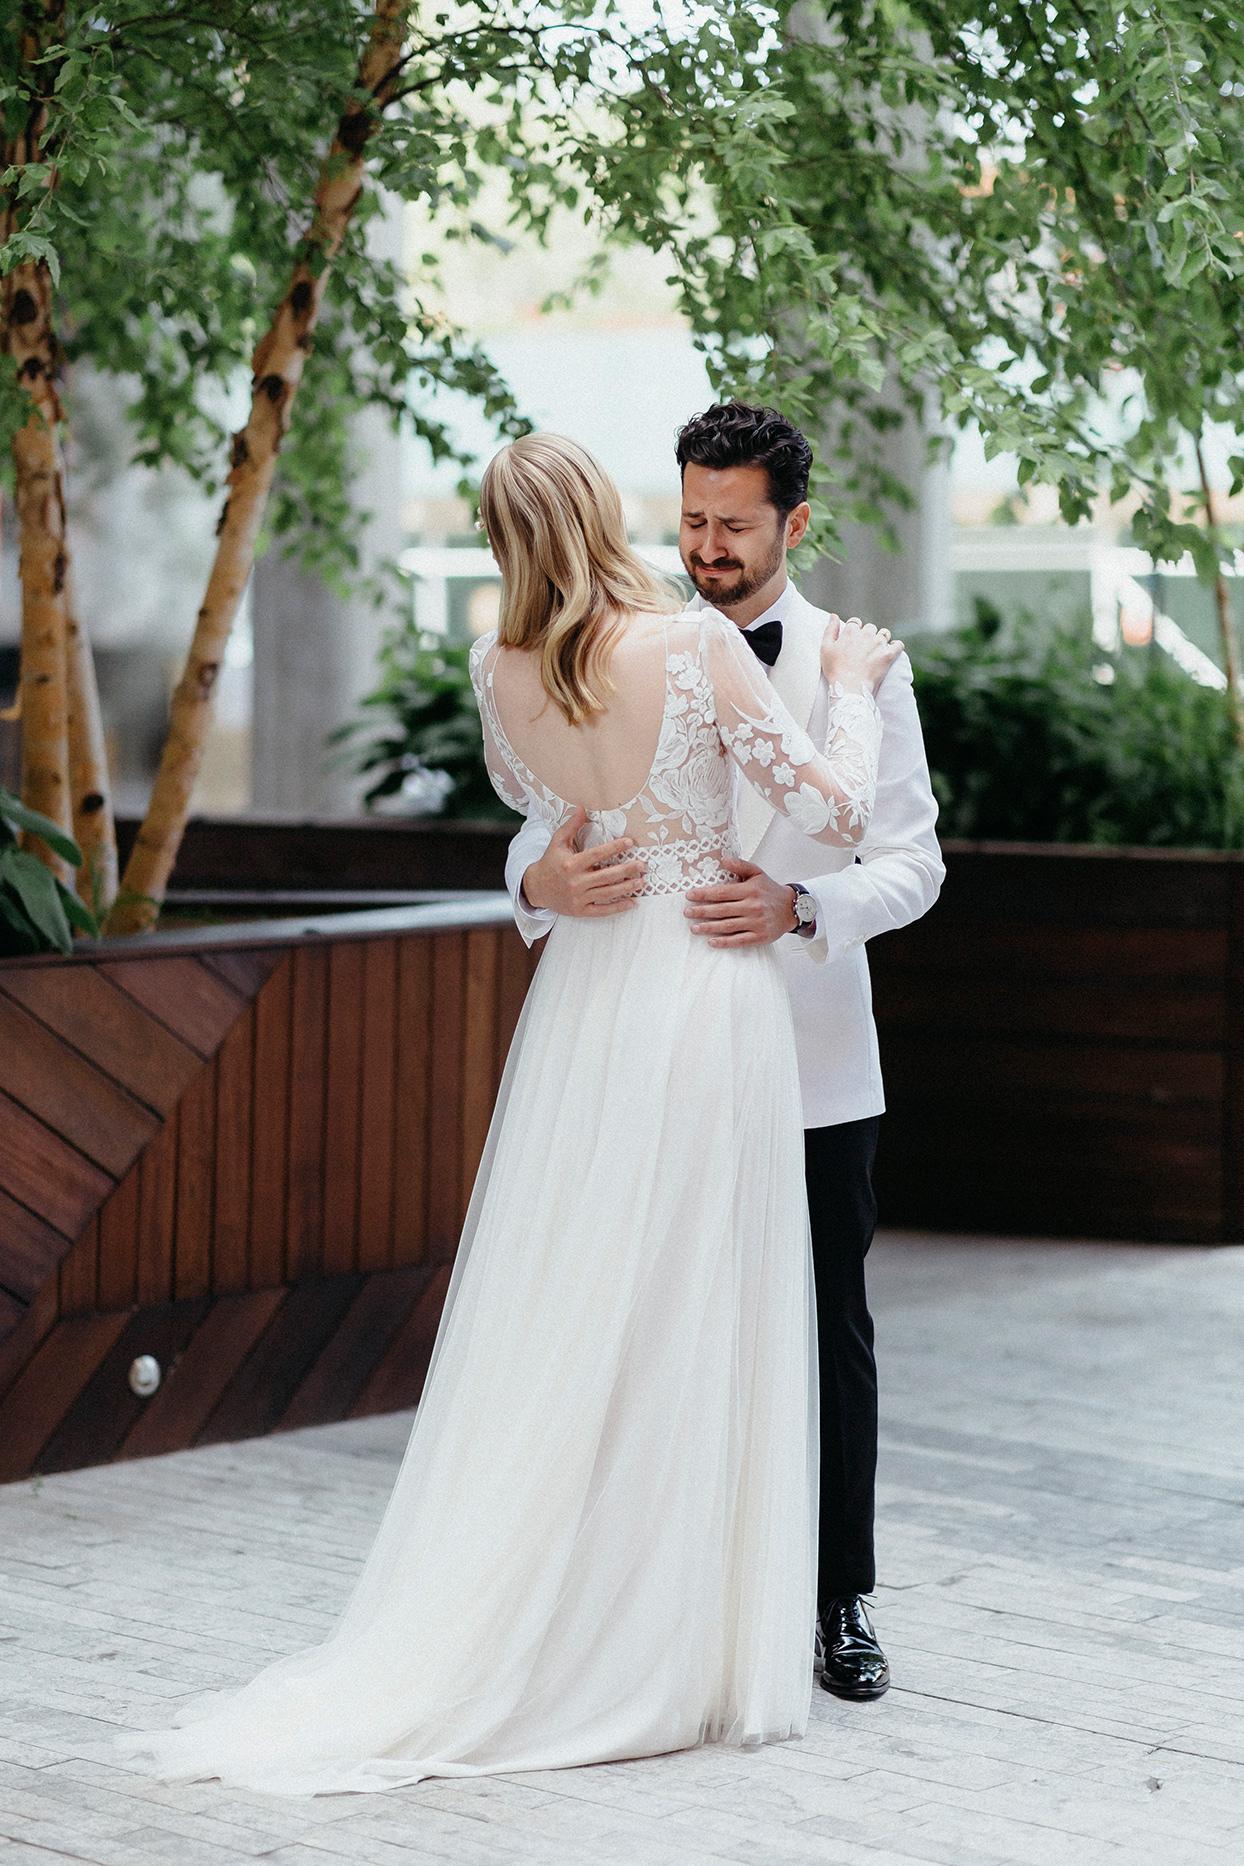 kristen jonathan wedding first look outdoors